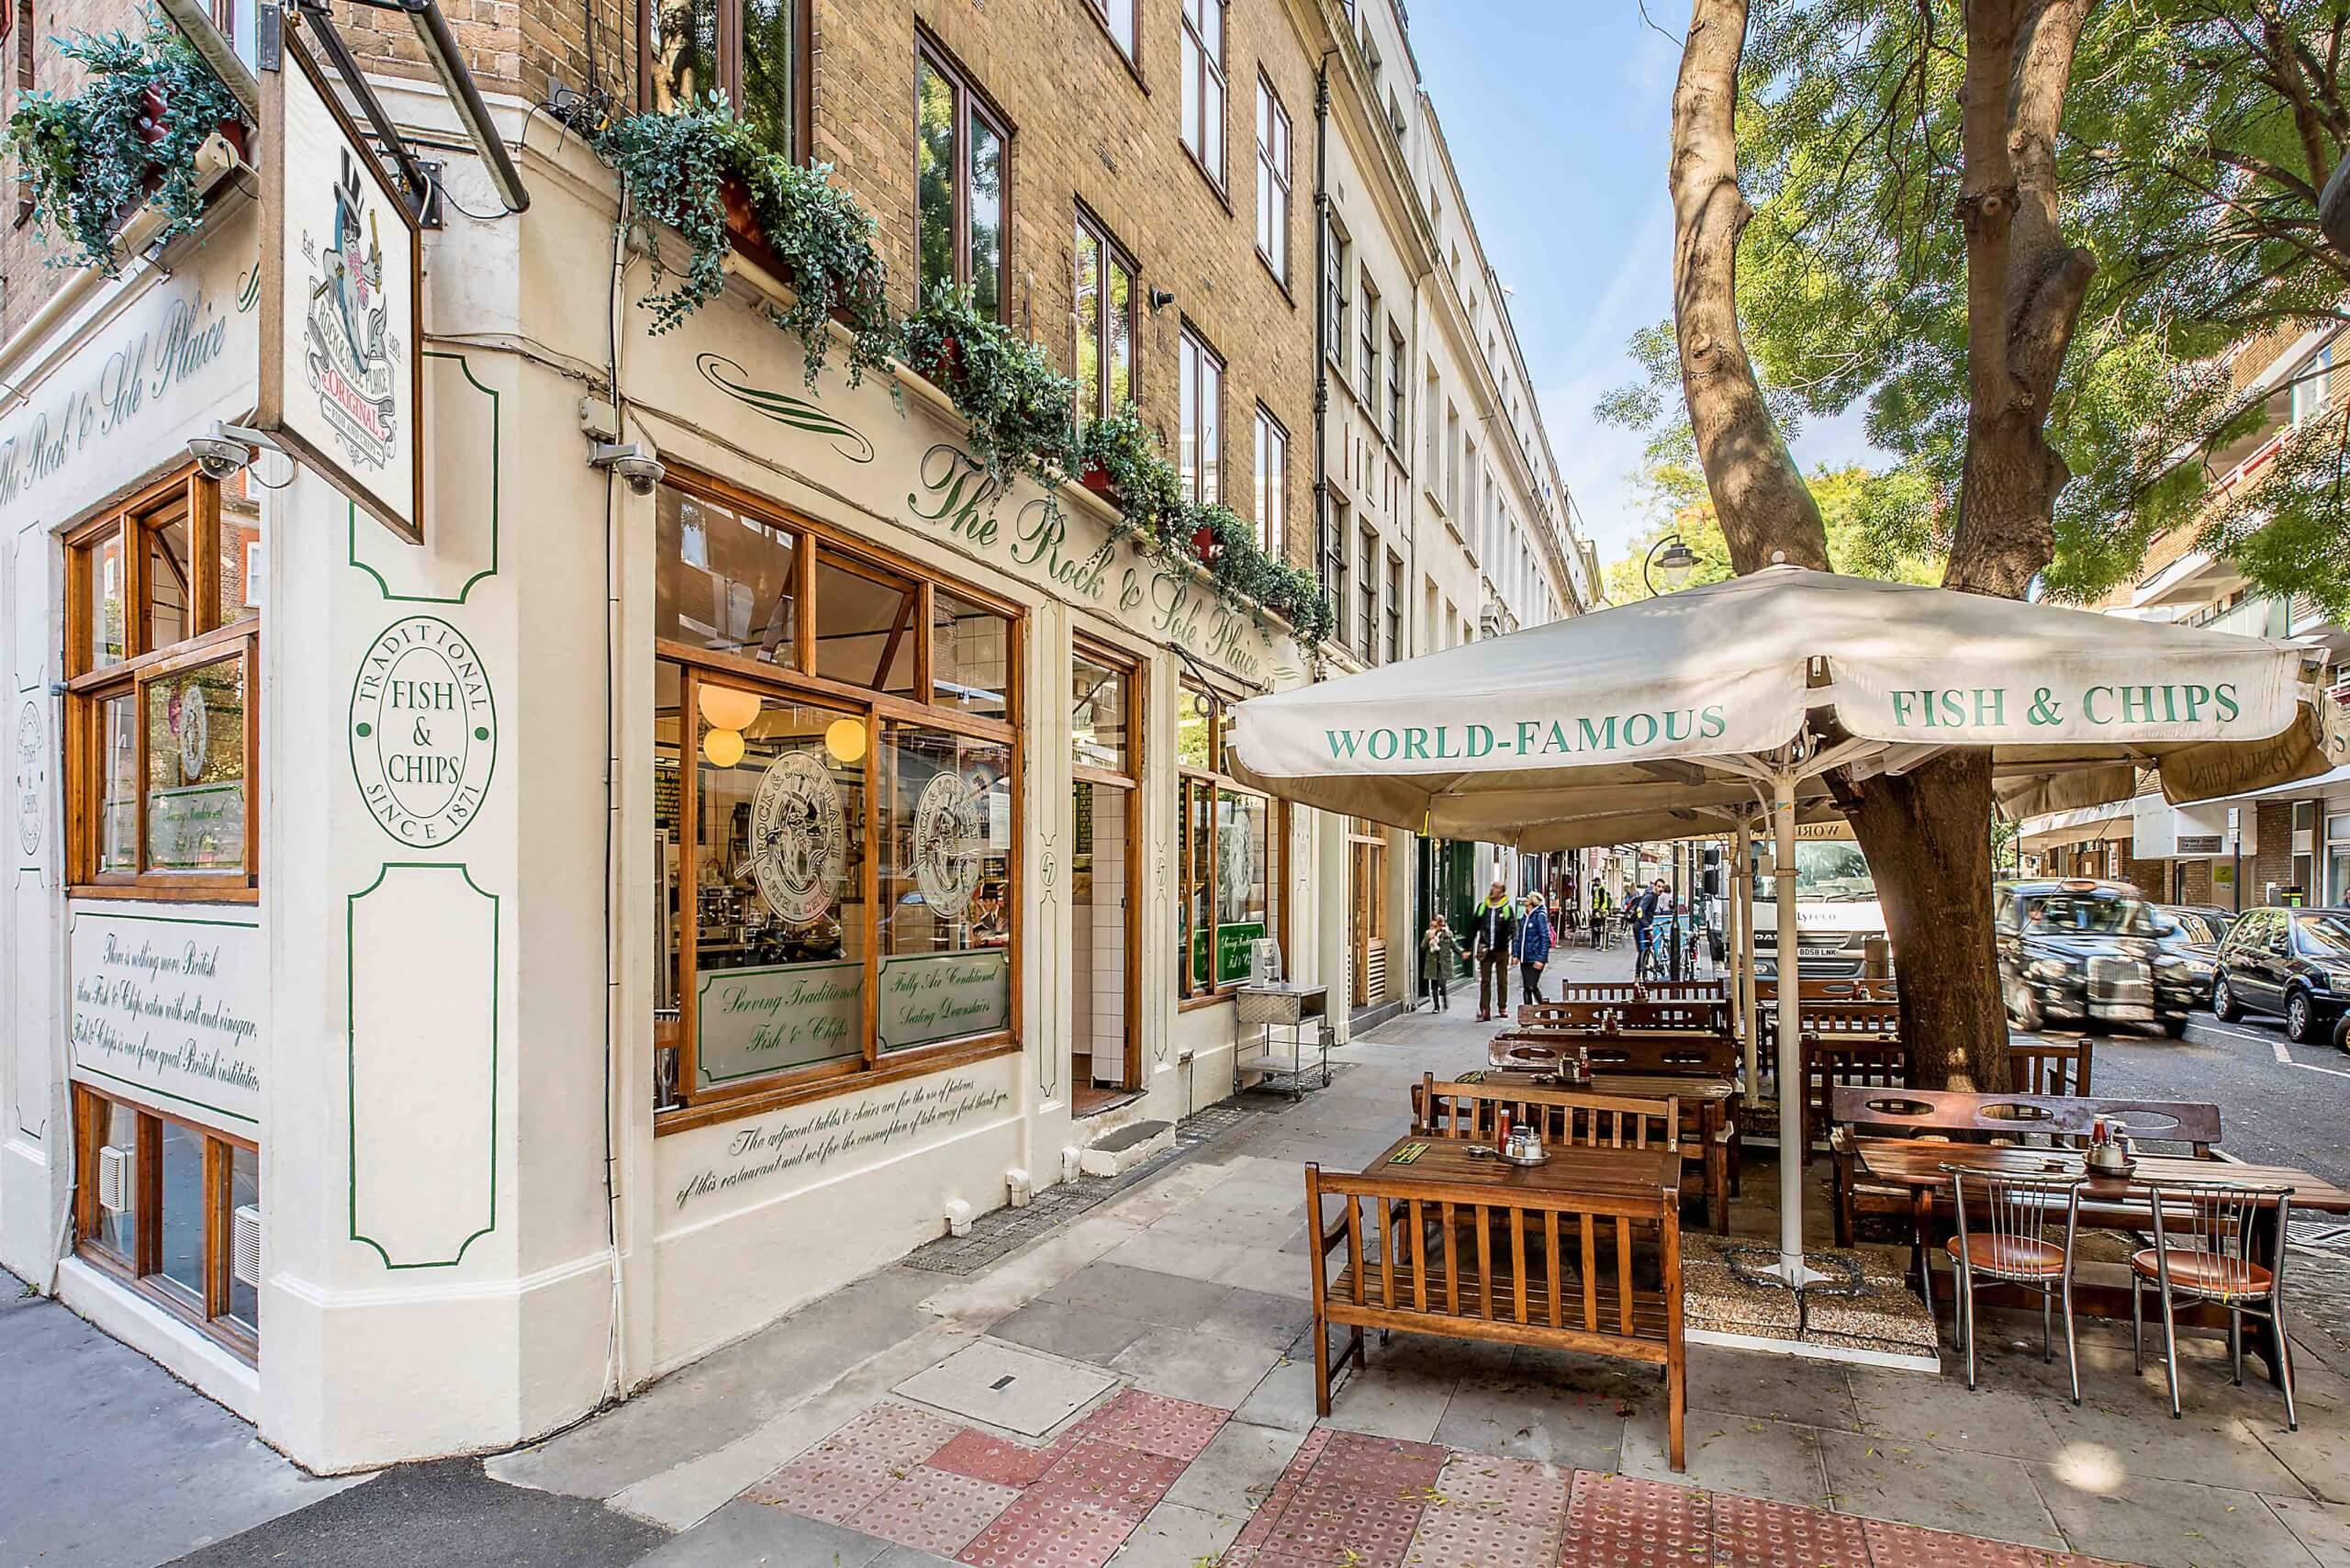 London restaurant openings, restaurant openings London, new restaurants London, London restaurant news